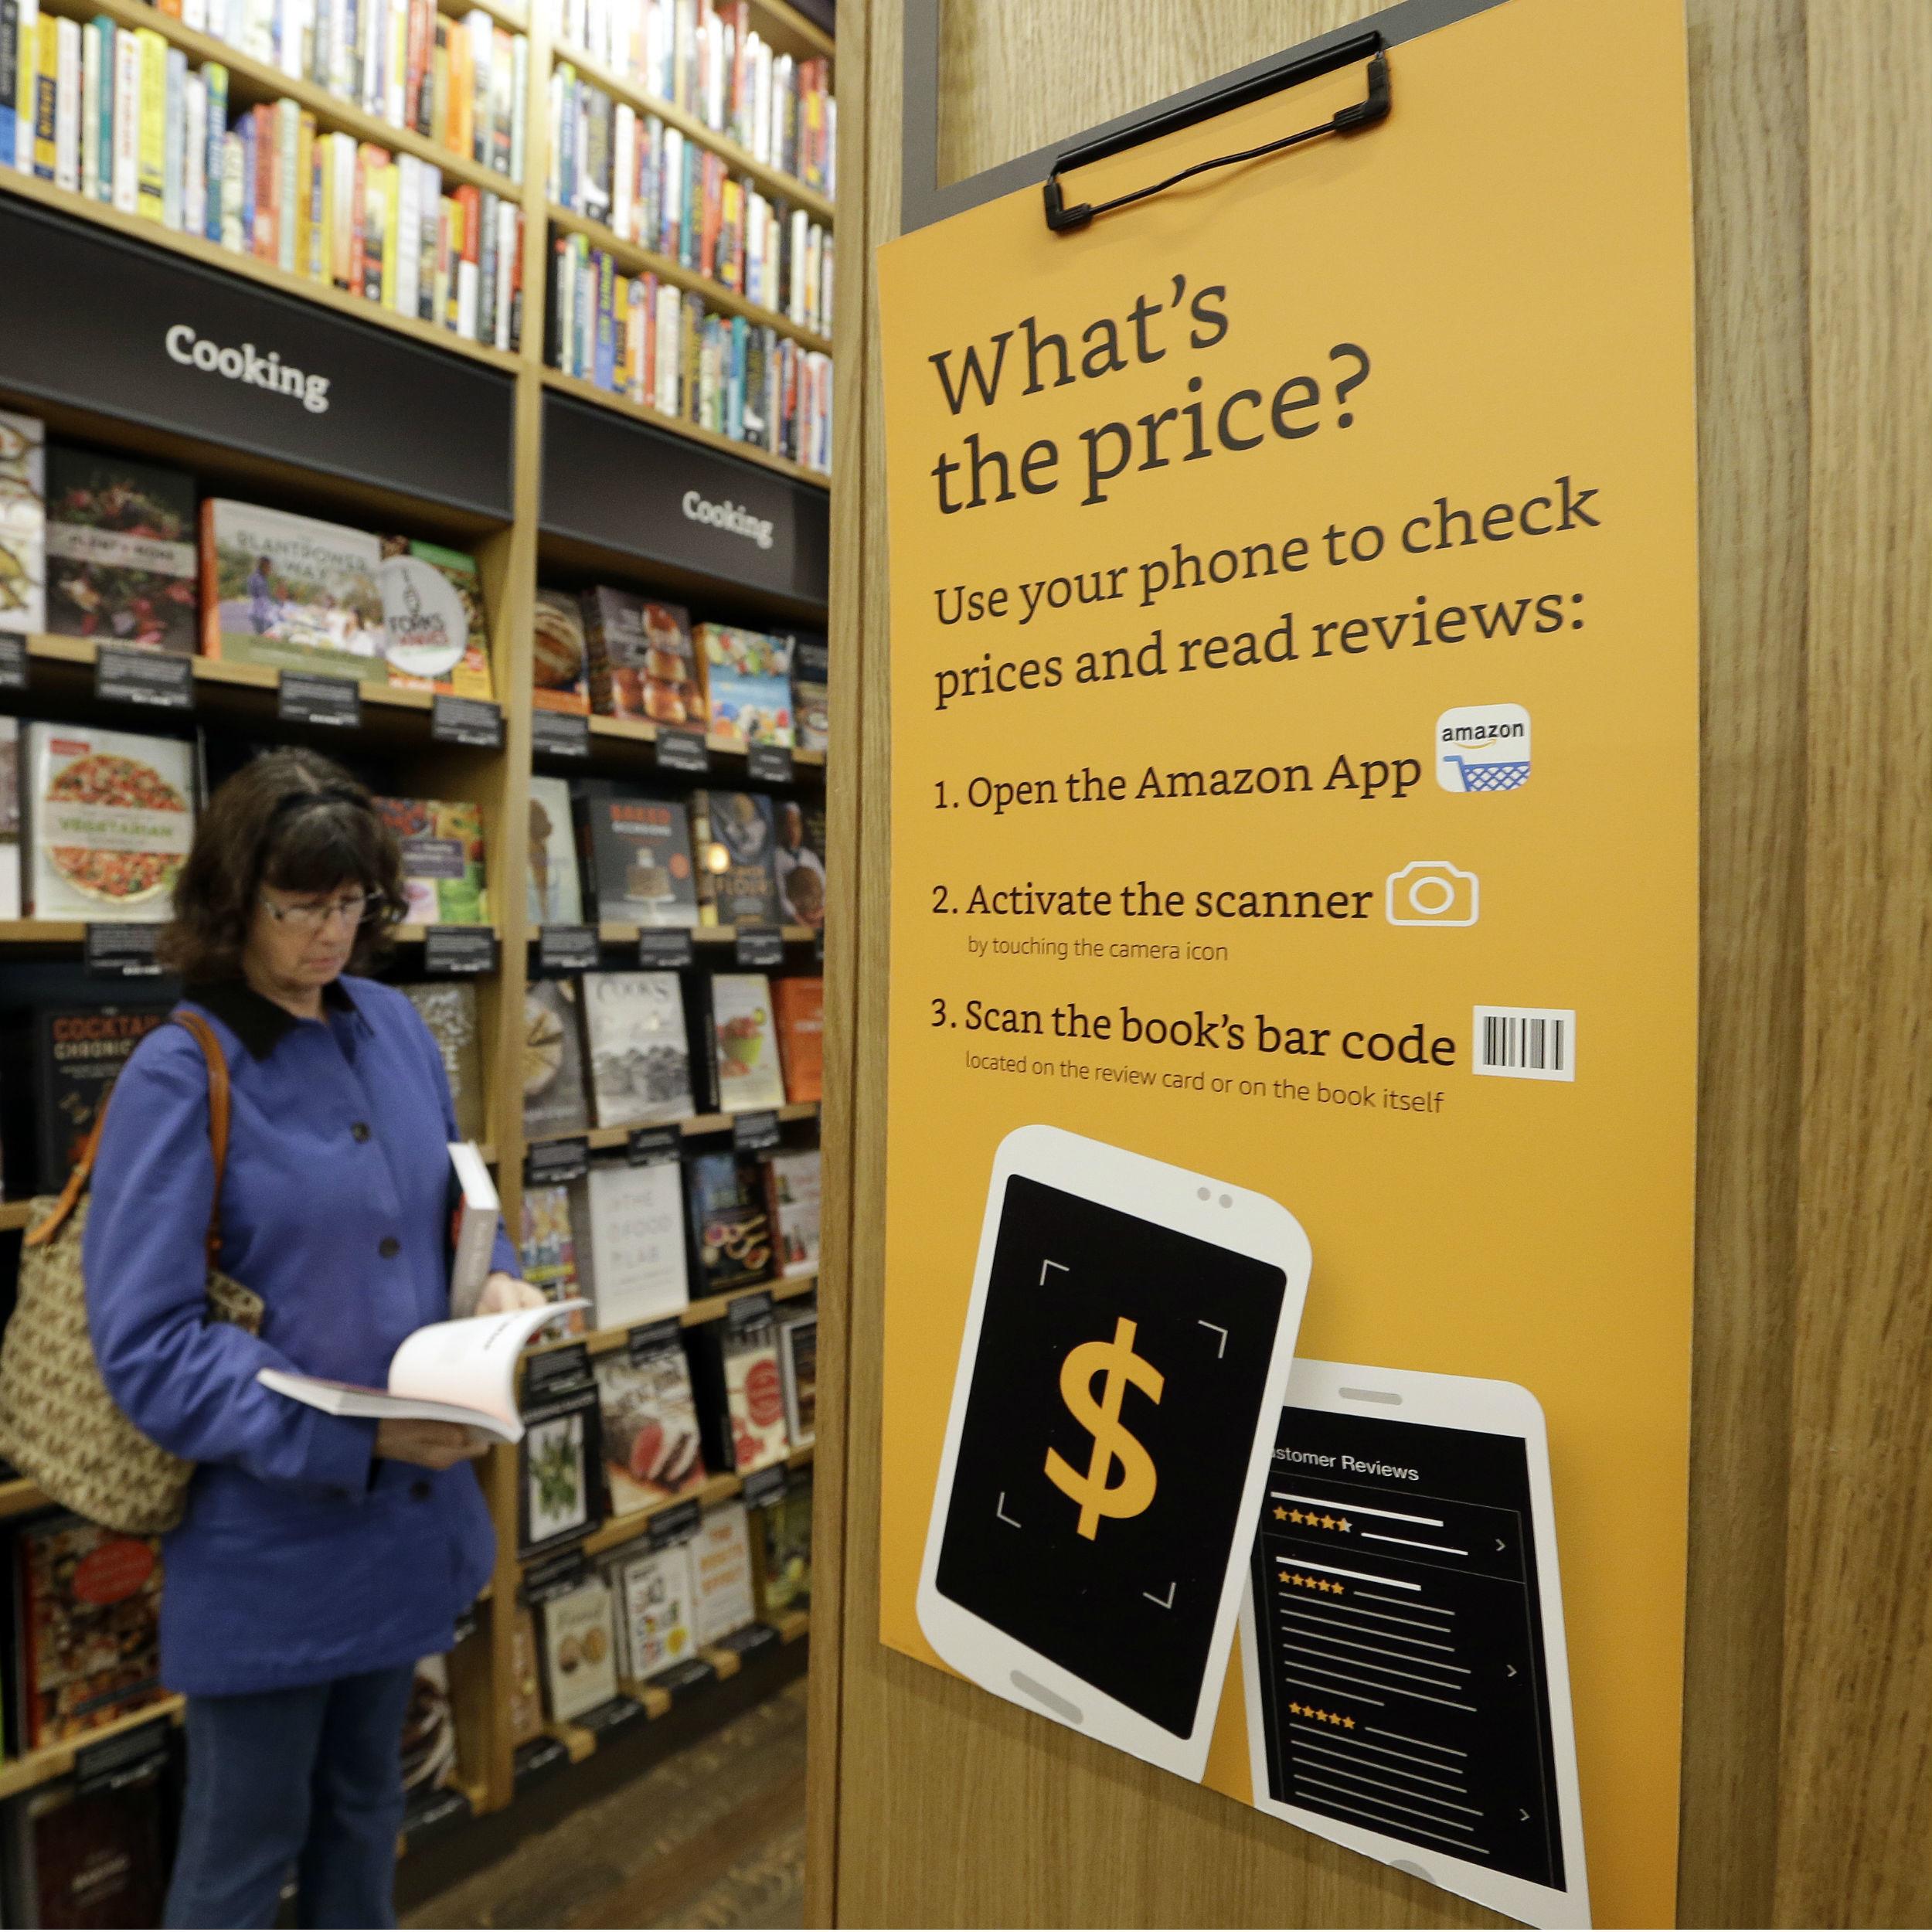 アマゾンはなぜ今さらリアル書店をつくるのか?